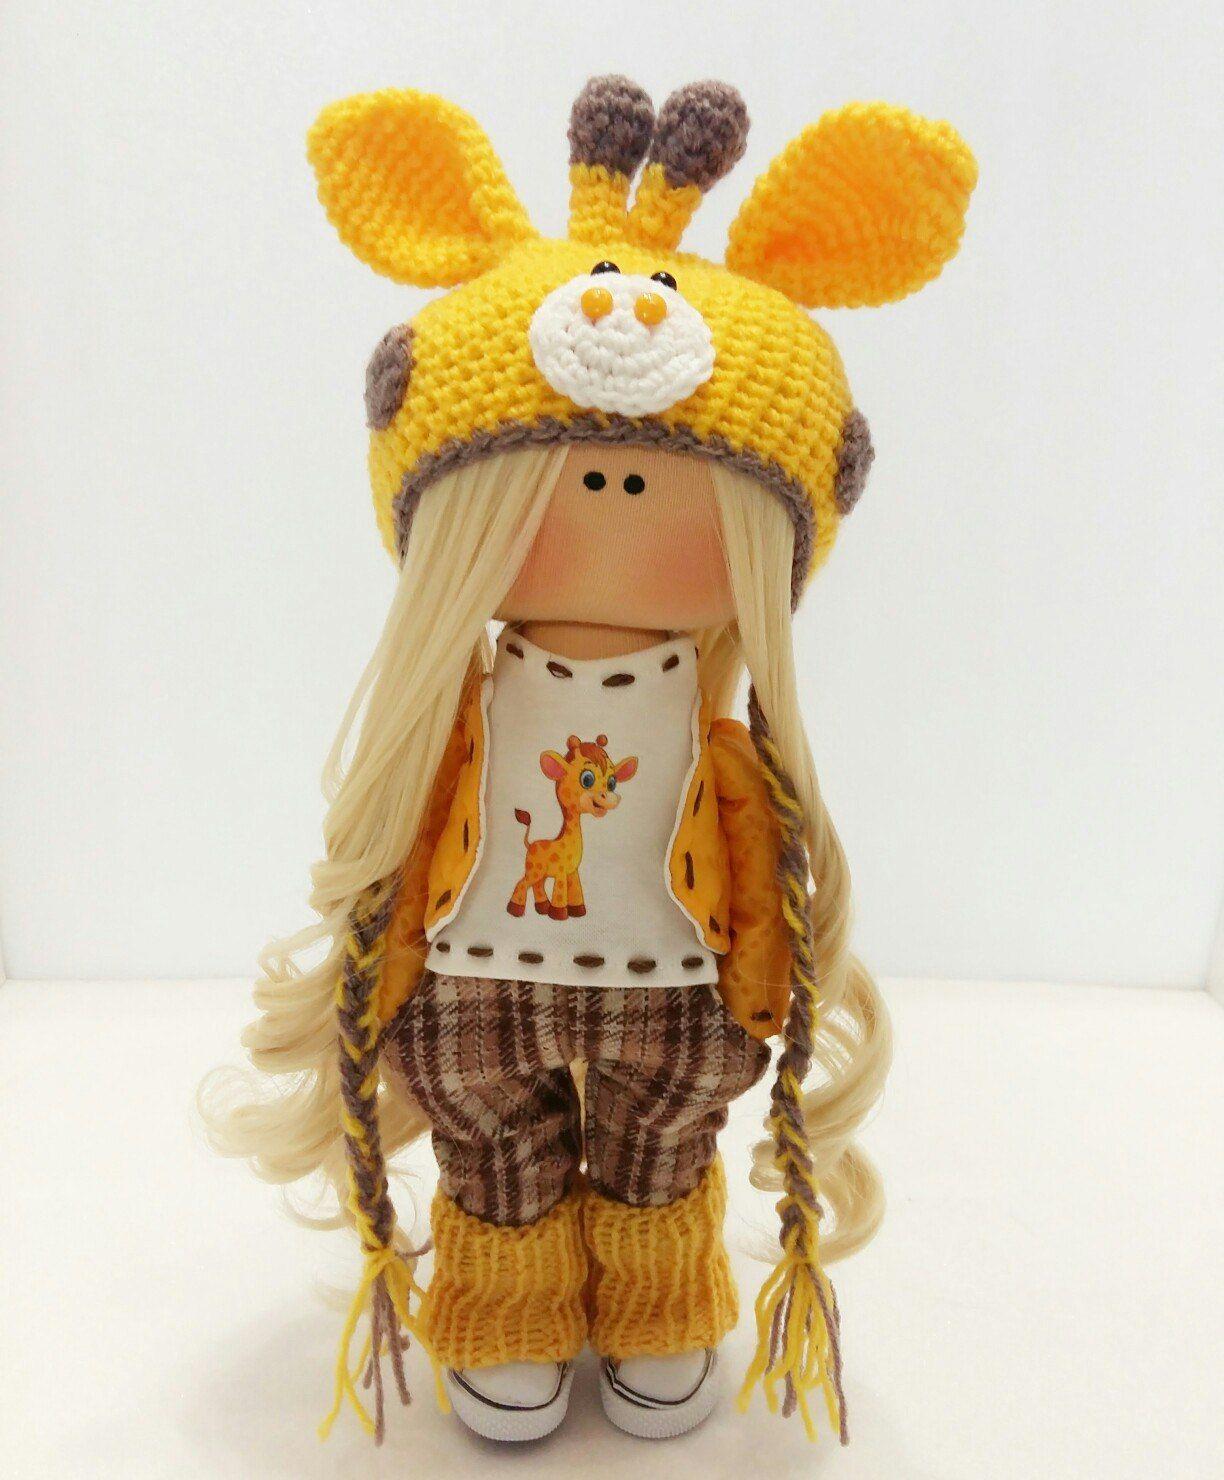 набор для изготовления интерьерной куклы флэш-открытки Спокойной ночи